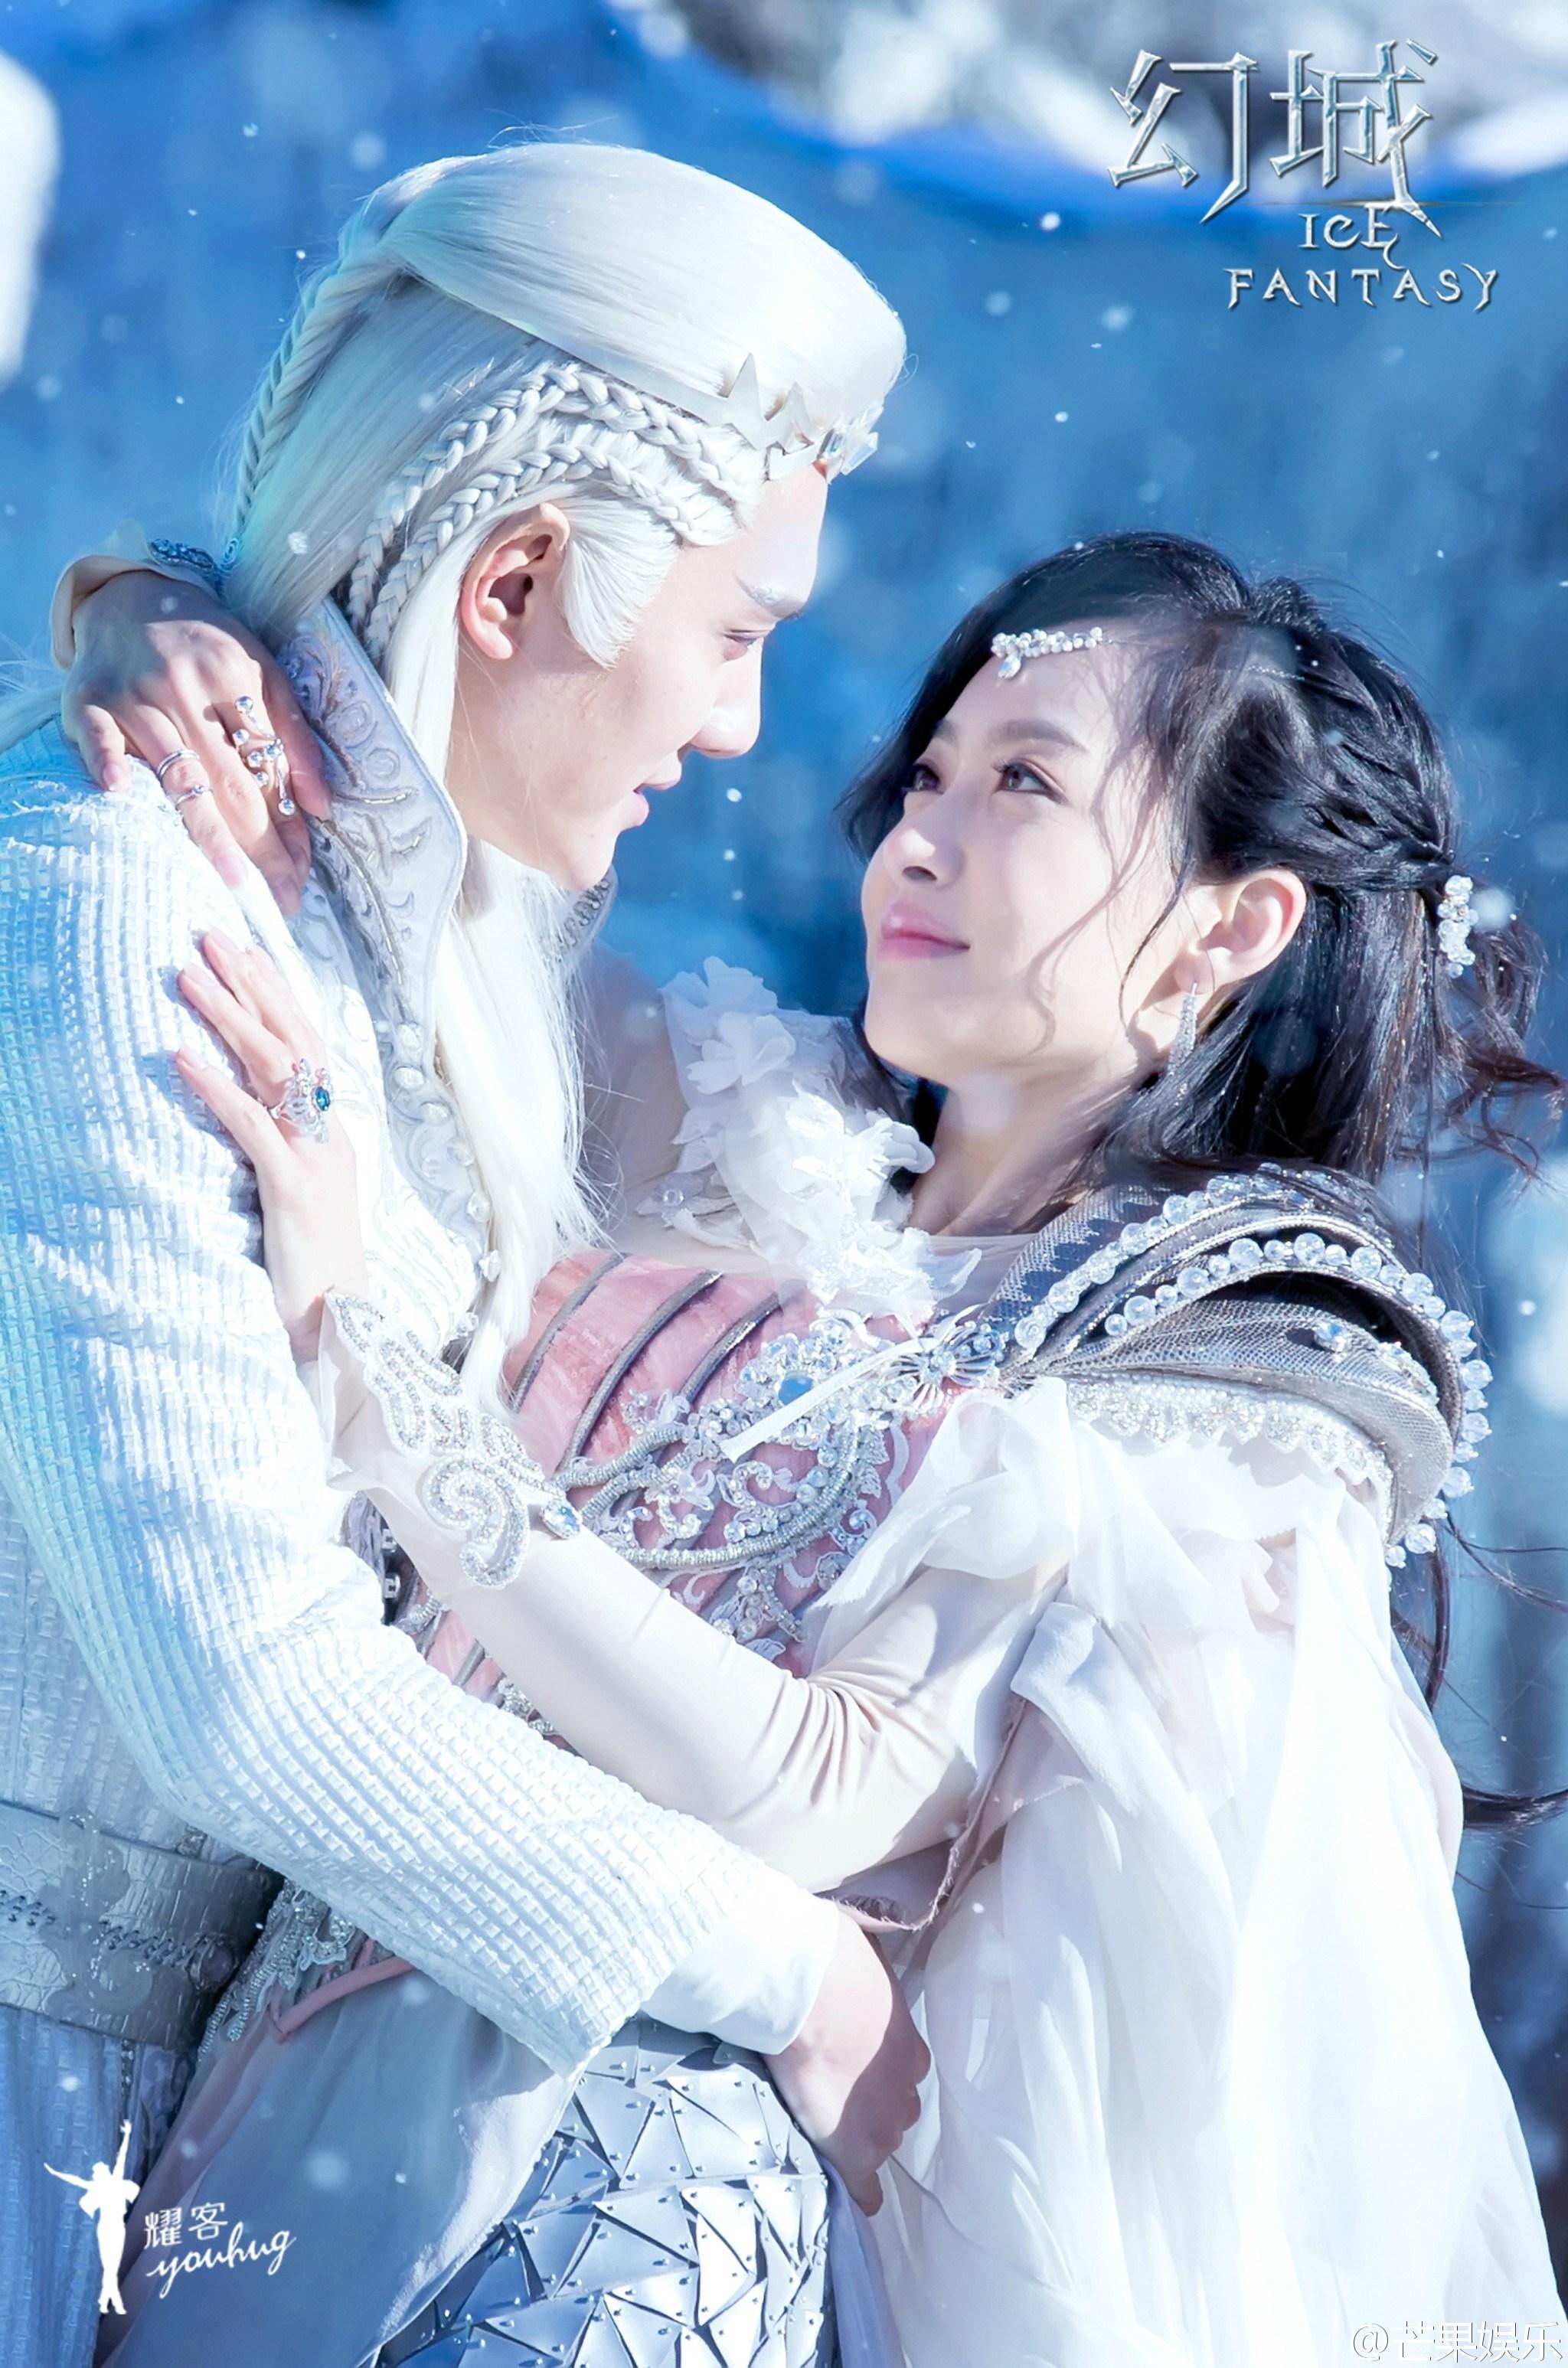 """La dulce escena de beso de Victoria de f(x) es revelada en imágenes de """"Ice Fantasy"""""""